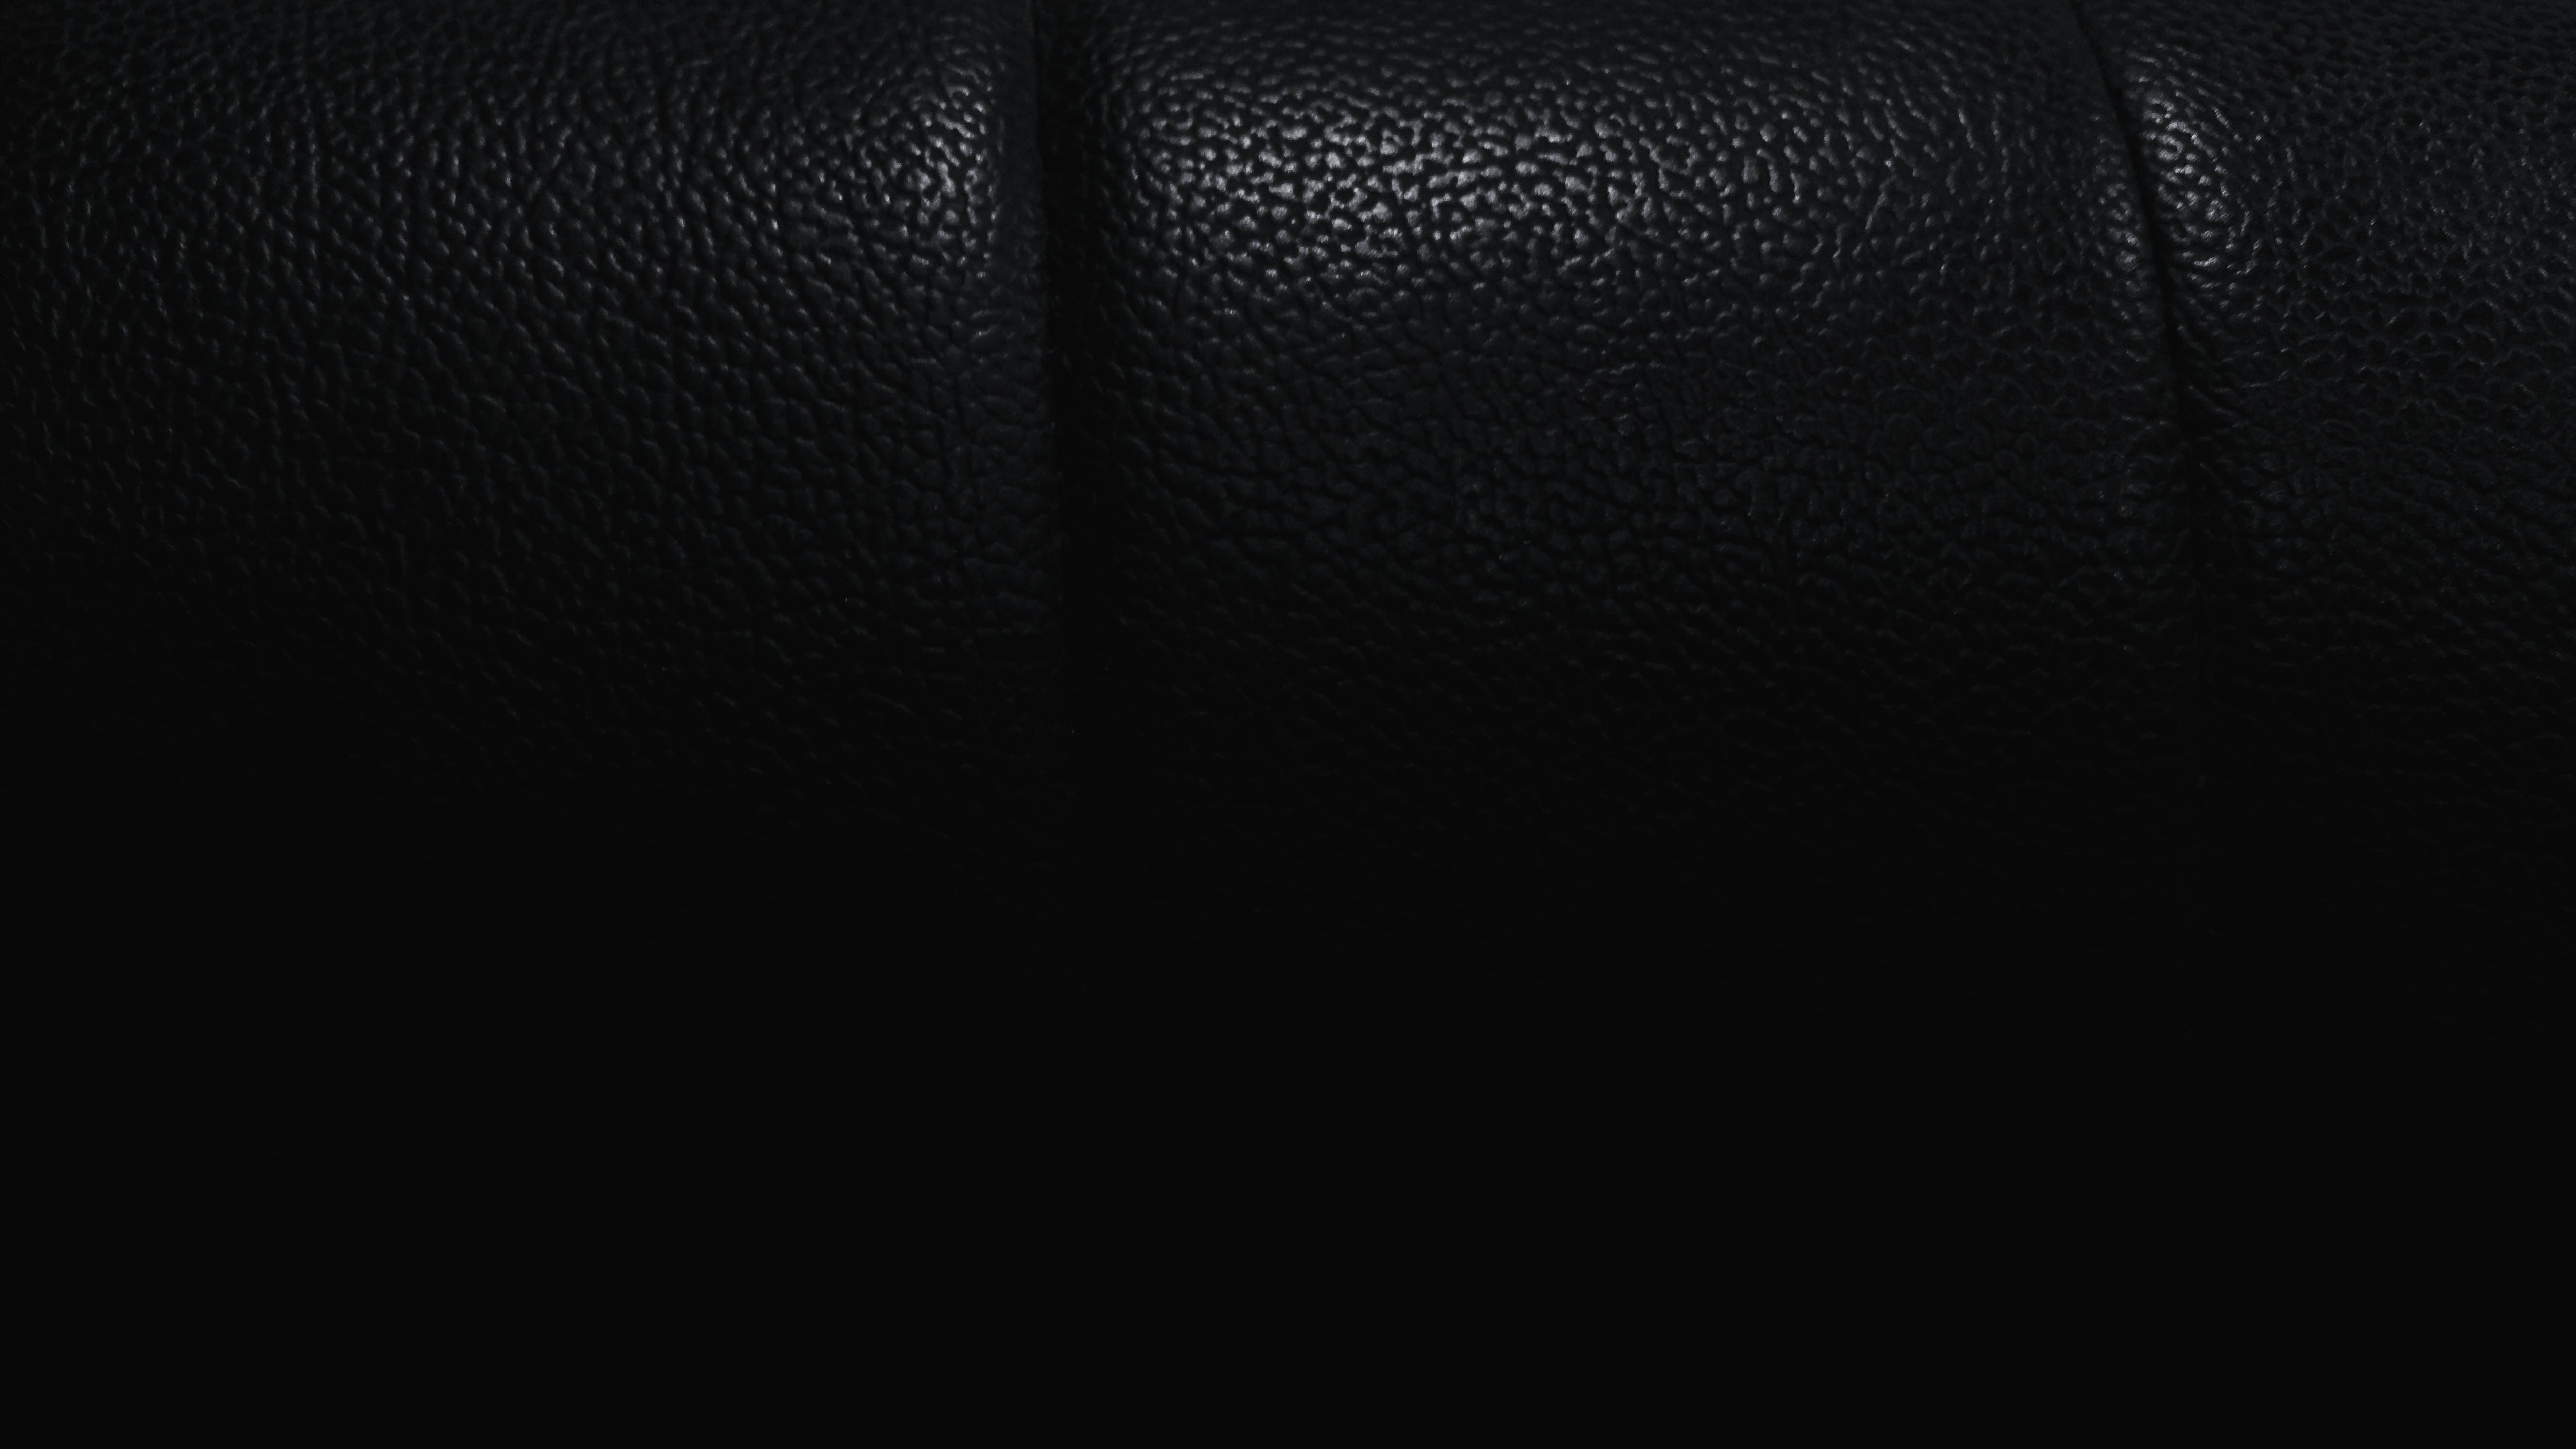 Free stock photo of background, background image, backgrounds, black background